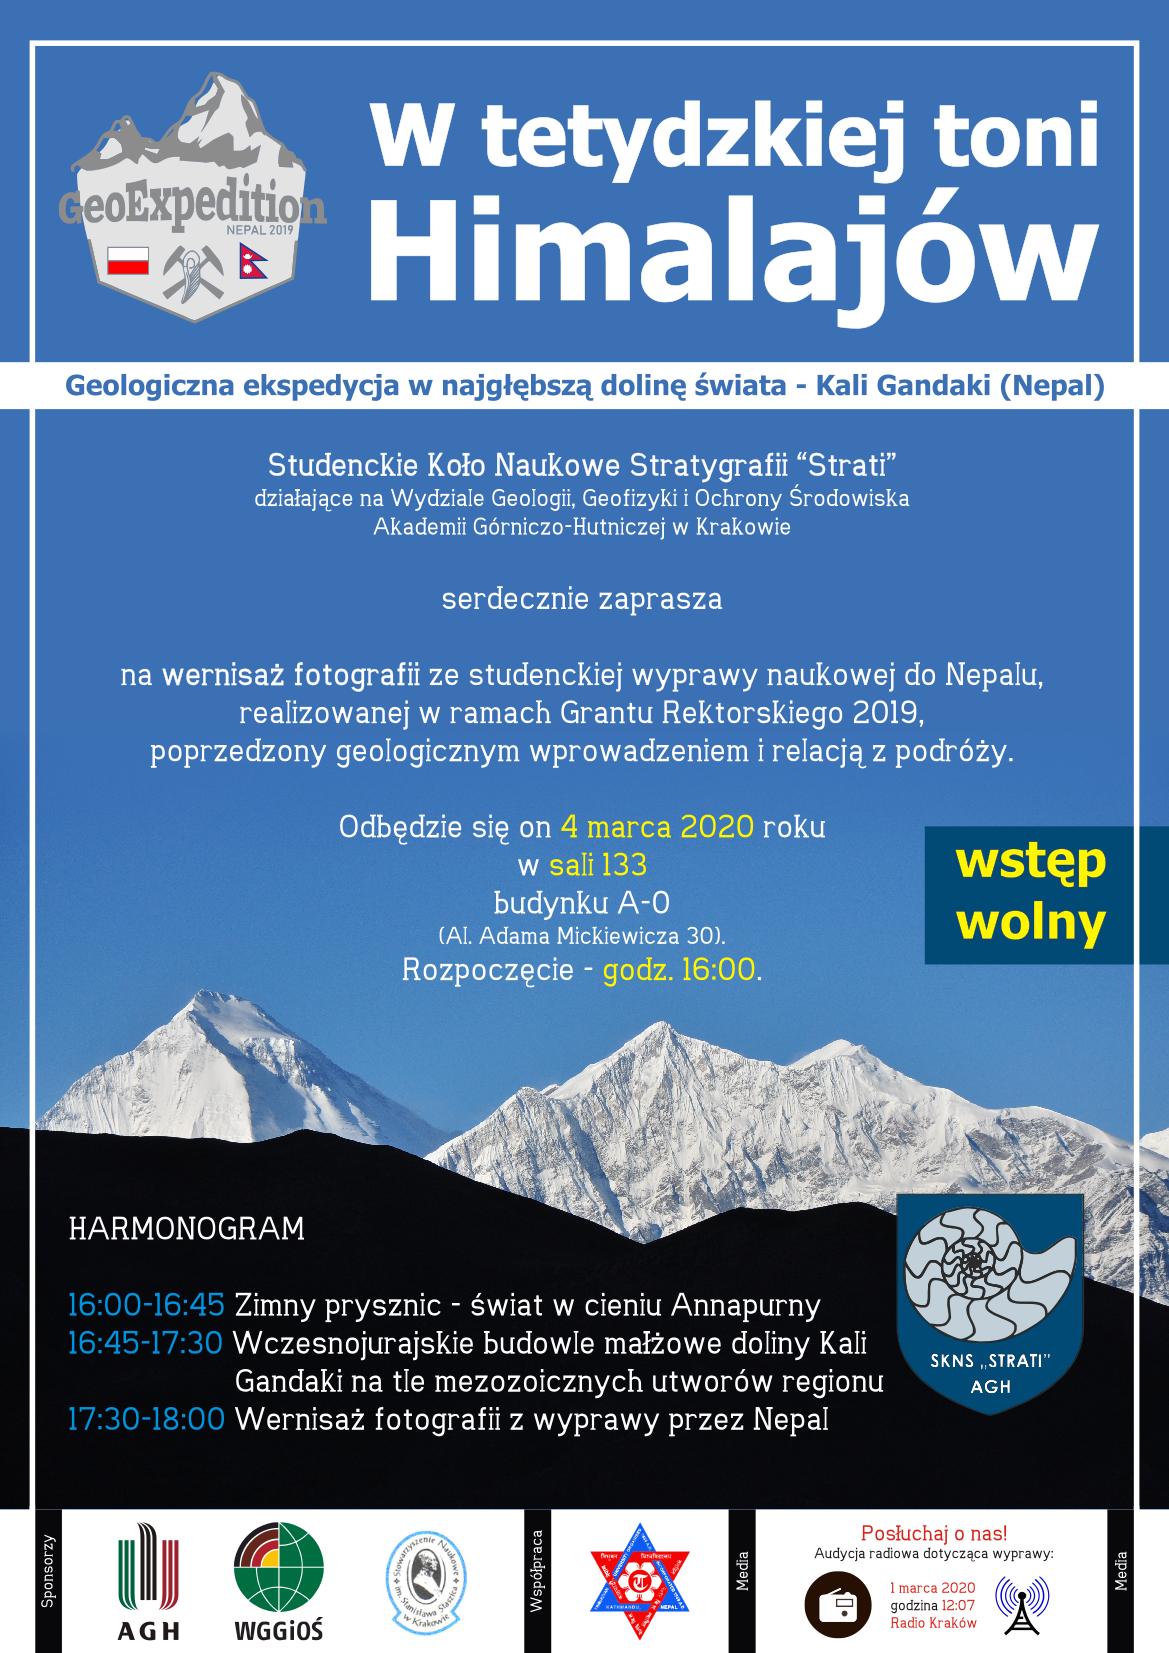 w tetydzkiej toni Himalajów - plakat, zaproszenie